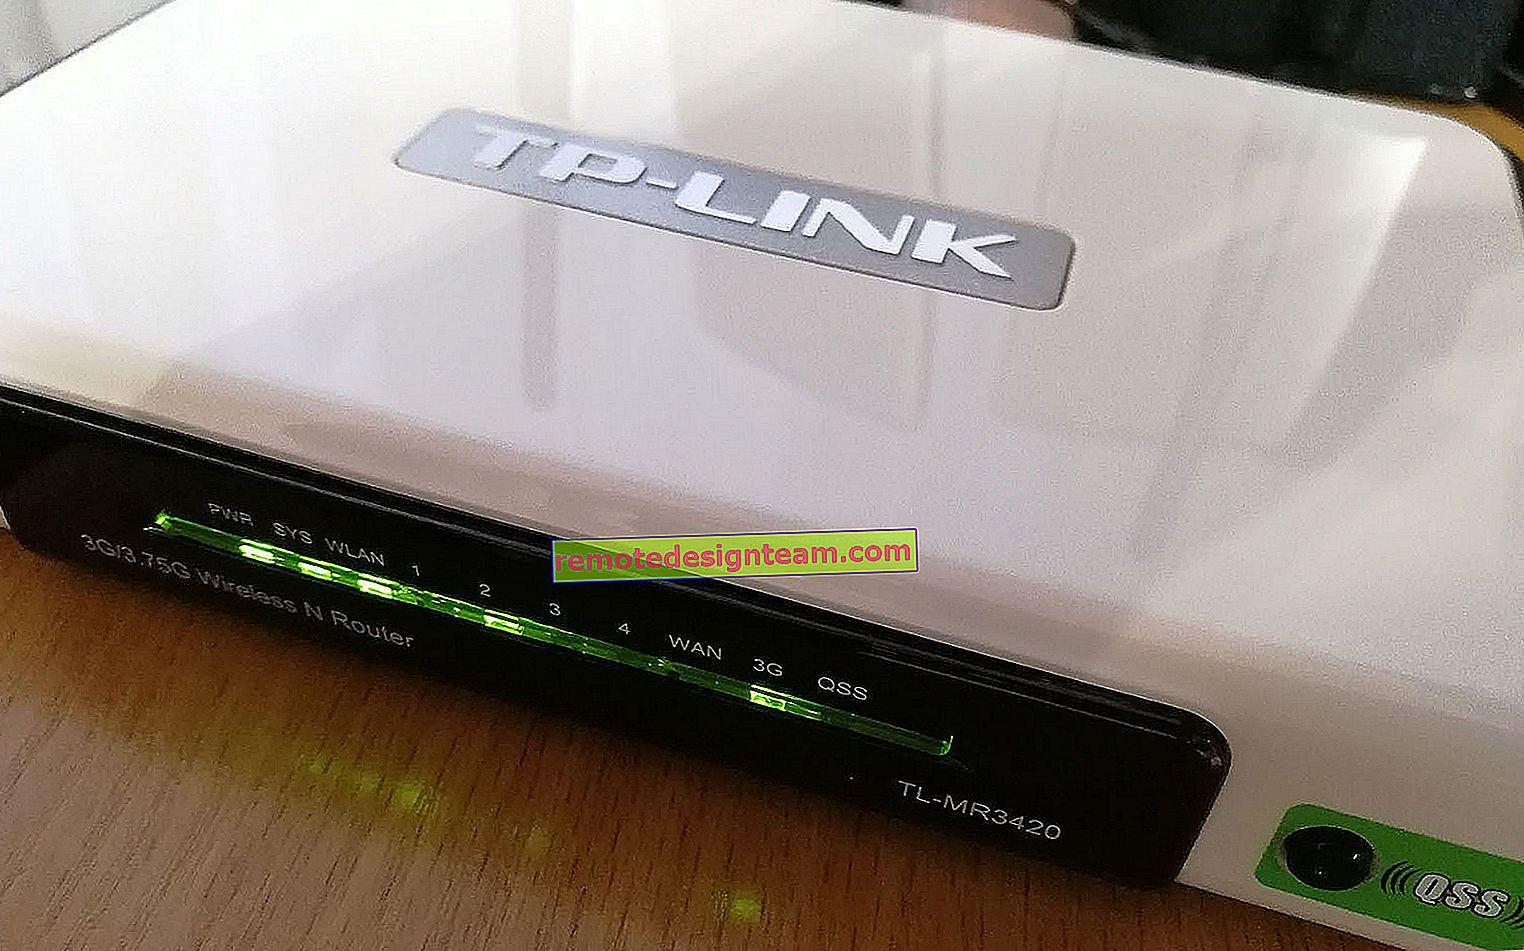 إرشادات حول إعداد جهاز توجيه محمول TP-LINK M5250